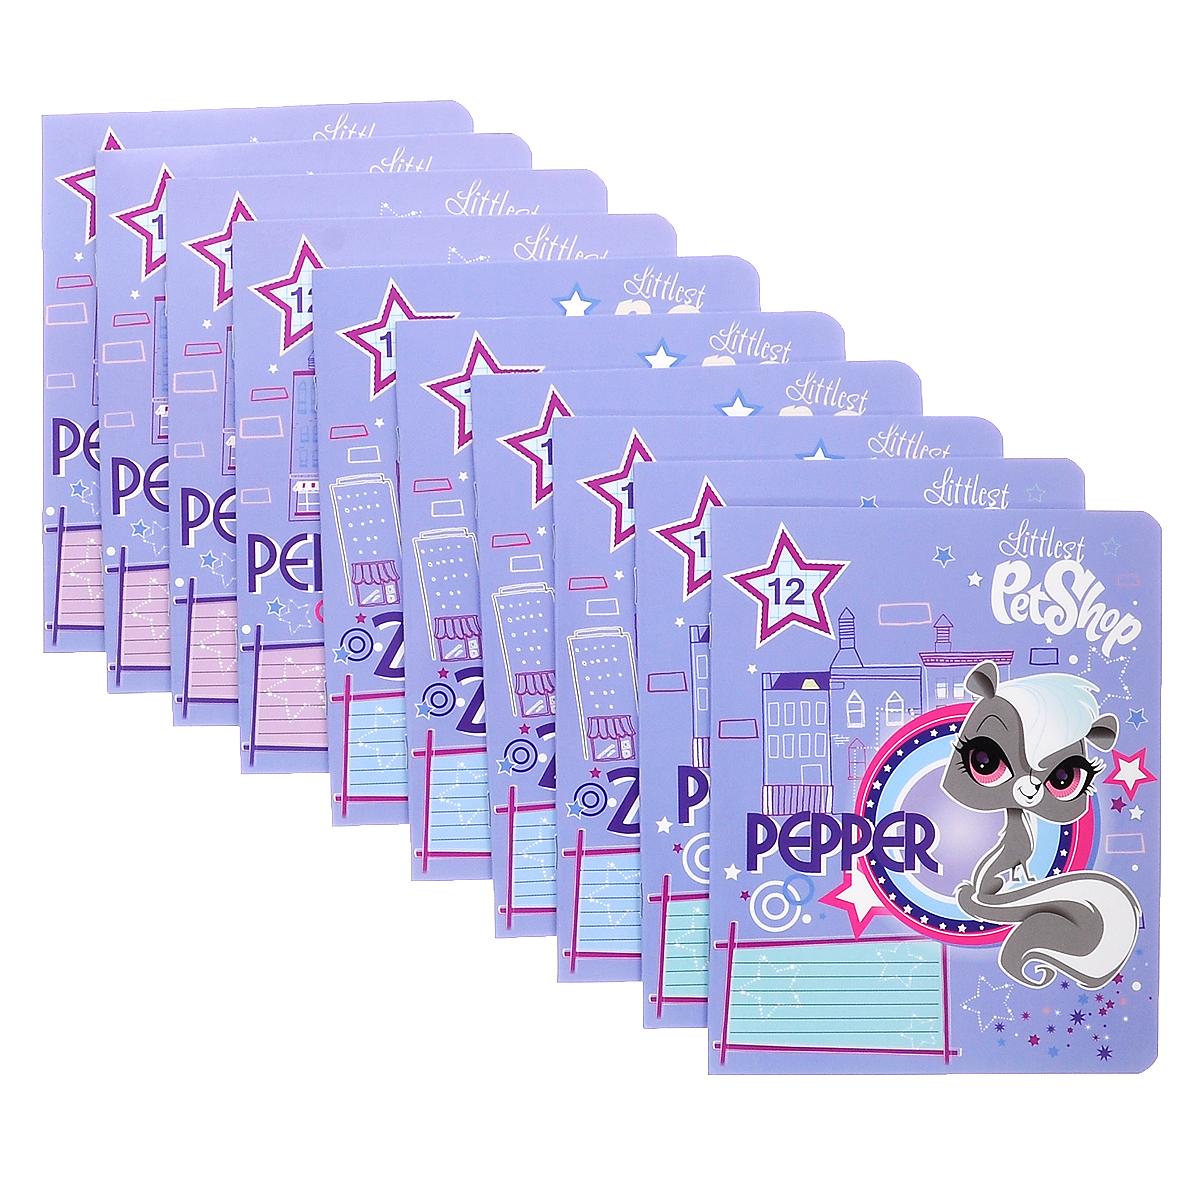 Littlest Pet Shop Набор тетрадей в клетку, цвет: фиолетовый, 12 листов, 10 шт125028Набор тетрадей в клетку подойдет любому школьнику. Обложка каждой тетради выполнена из картона с матовой поверхностью и оформлена рисунками с любимыми персонажами Littlest Pet Shop. Внутренний блок тетрадей состоит из 12 листов белой бумаги, скрепленных скрепками. Стандартная линовка в клетку дополнена полями. В наборе 10 тетрадей.